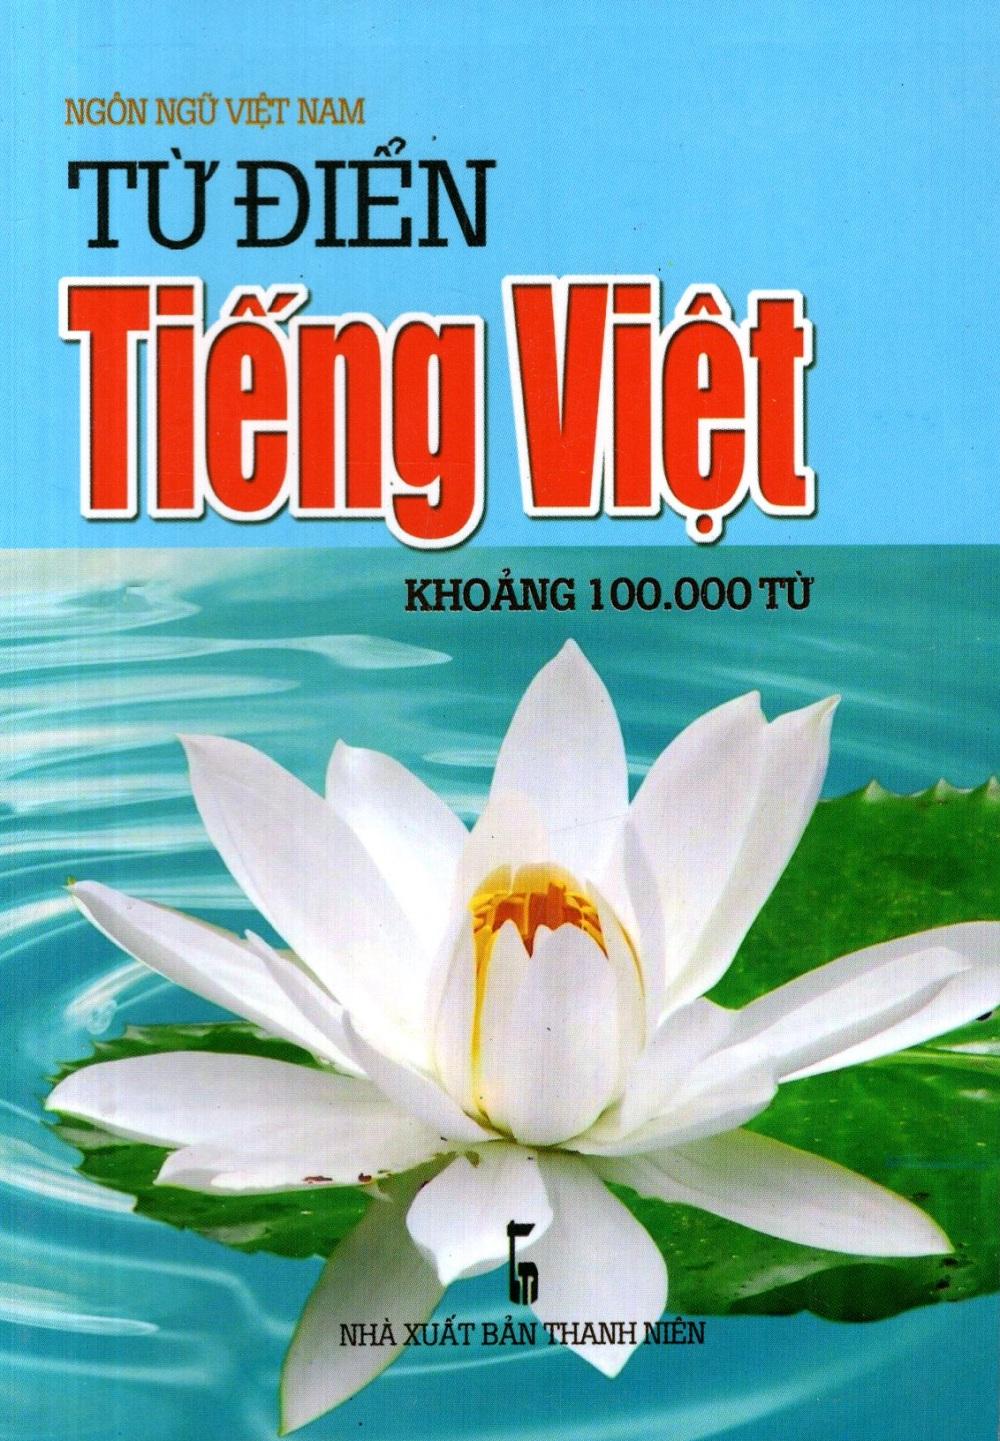 Bìa sách Từ Điển Tiếng Việt (Khoảng 100.000 Từ) - Sách Bỏ Túi